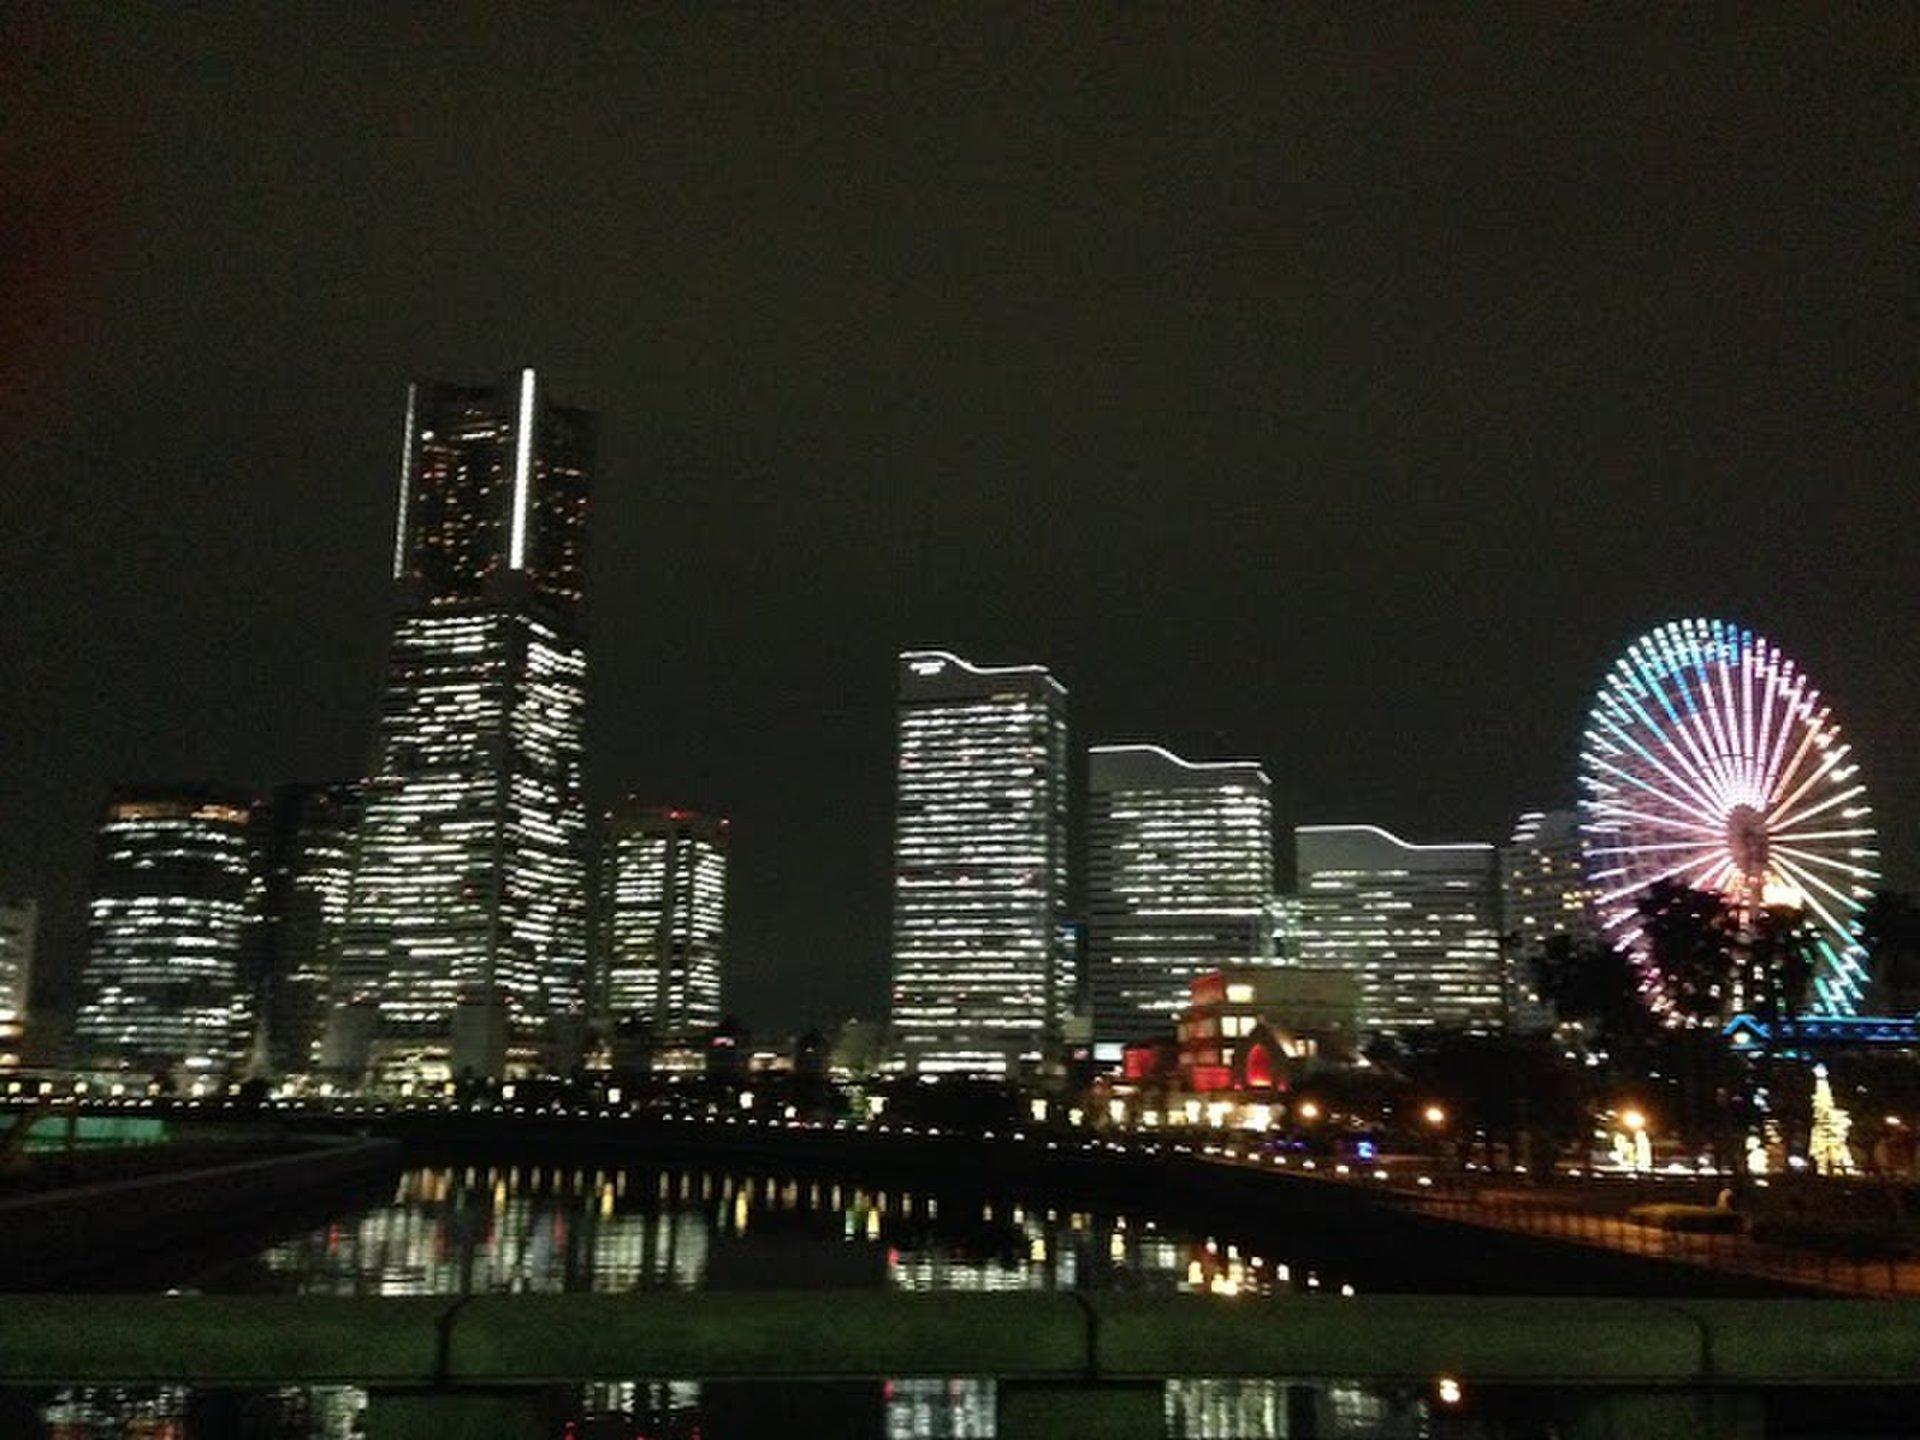 横浜みなとみらい夜のデートにおすすめ!のんびりイルミネーション散歩コース!